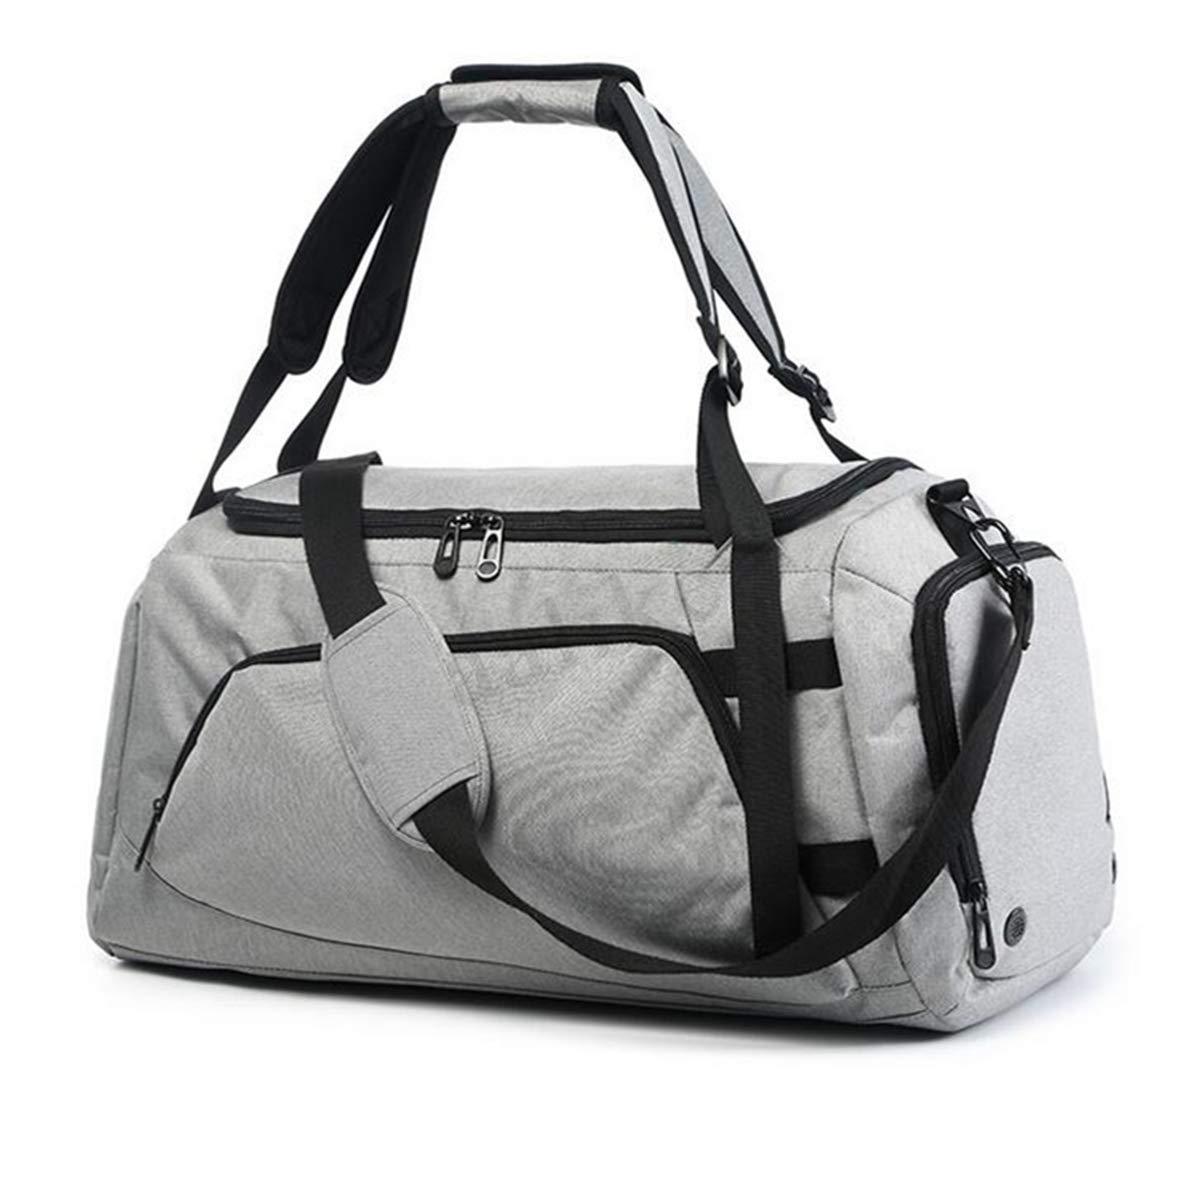 シューズ&バッグ > バッグスーツケース > スポーツフィットネスバッグ > スポーツショルダーバッグエナメルバッグ/Men Women Travel Sports Gym Bag Backpack Handbag Shoulder Crossbody Bags Duffel B07K9QWZ8X